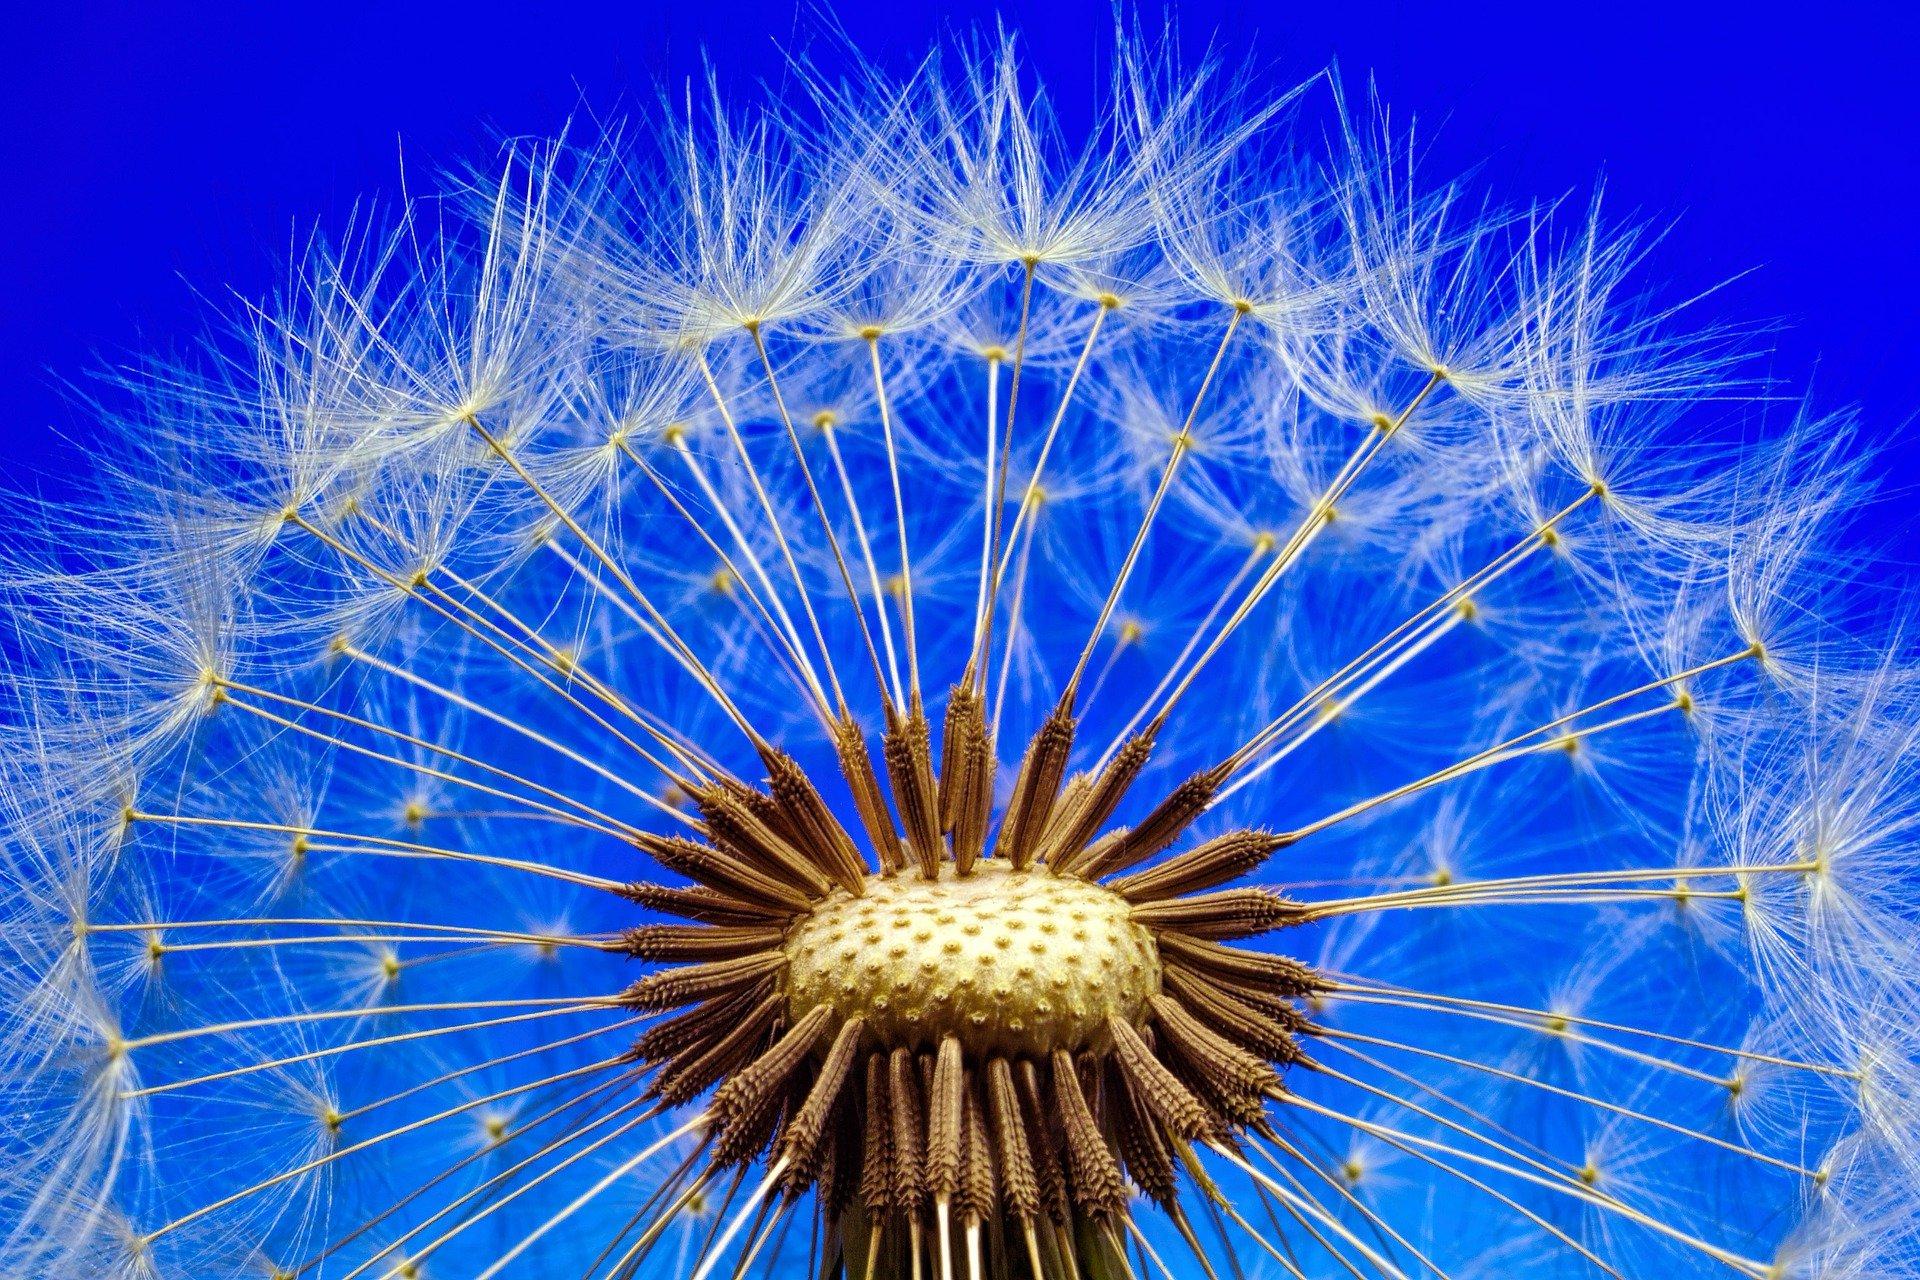 fleur-de-pissenlit-macro-phototographie